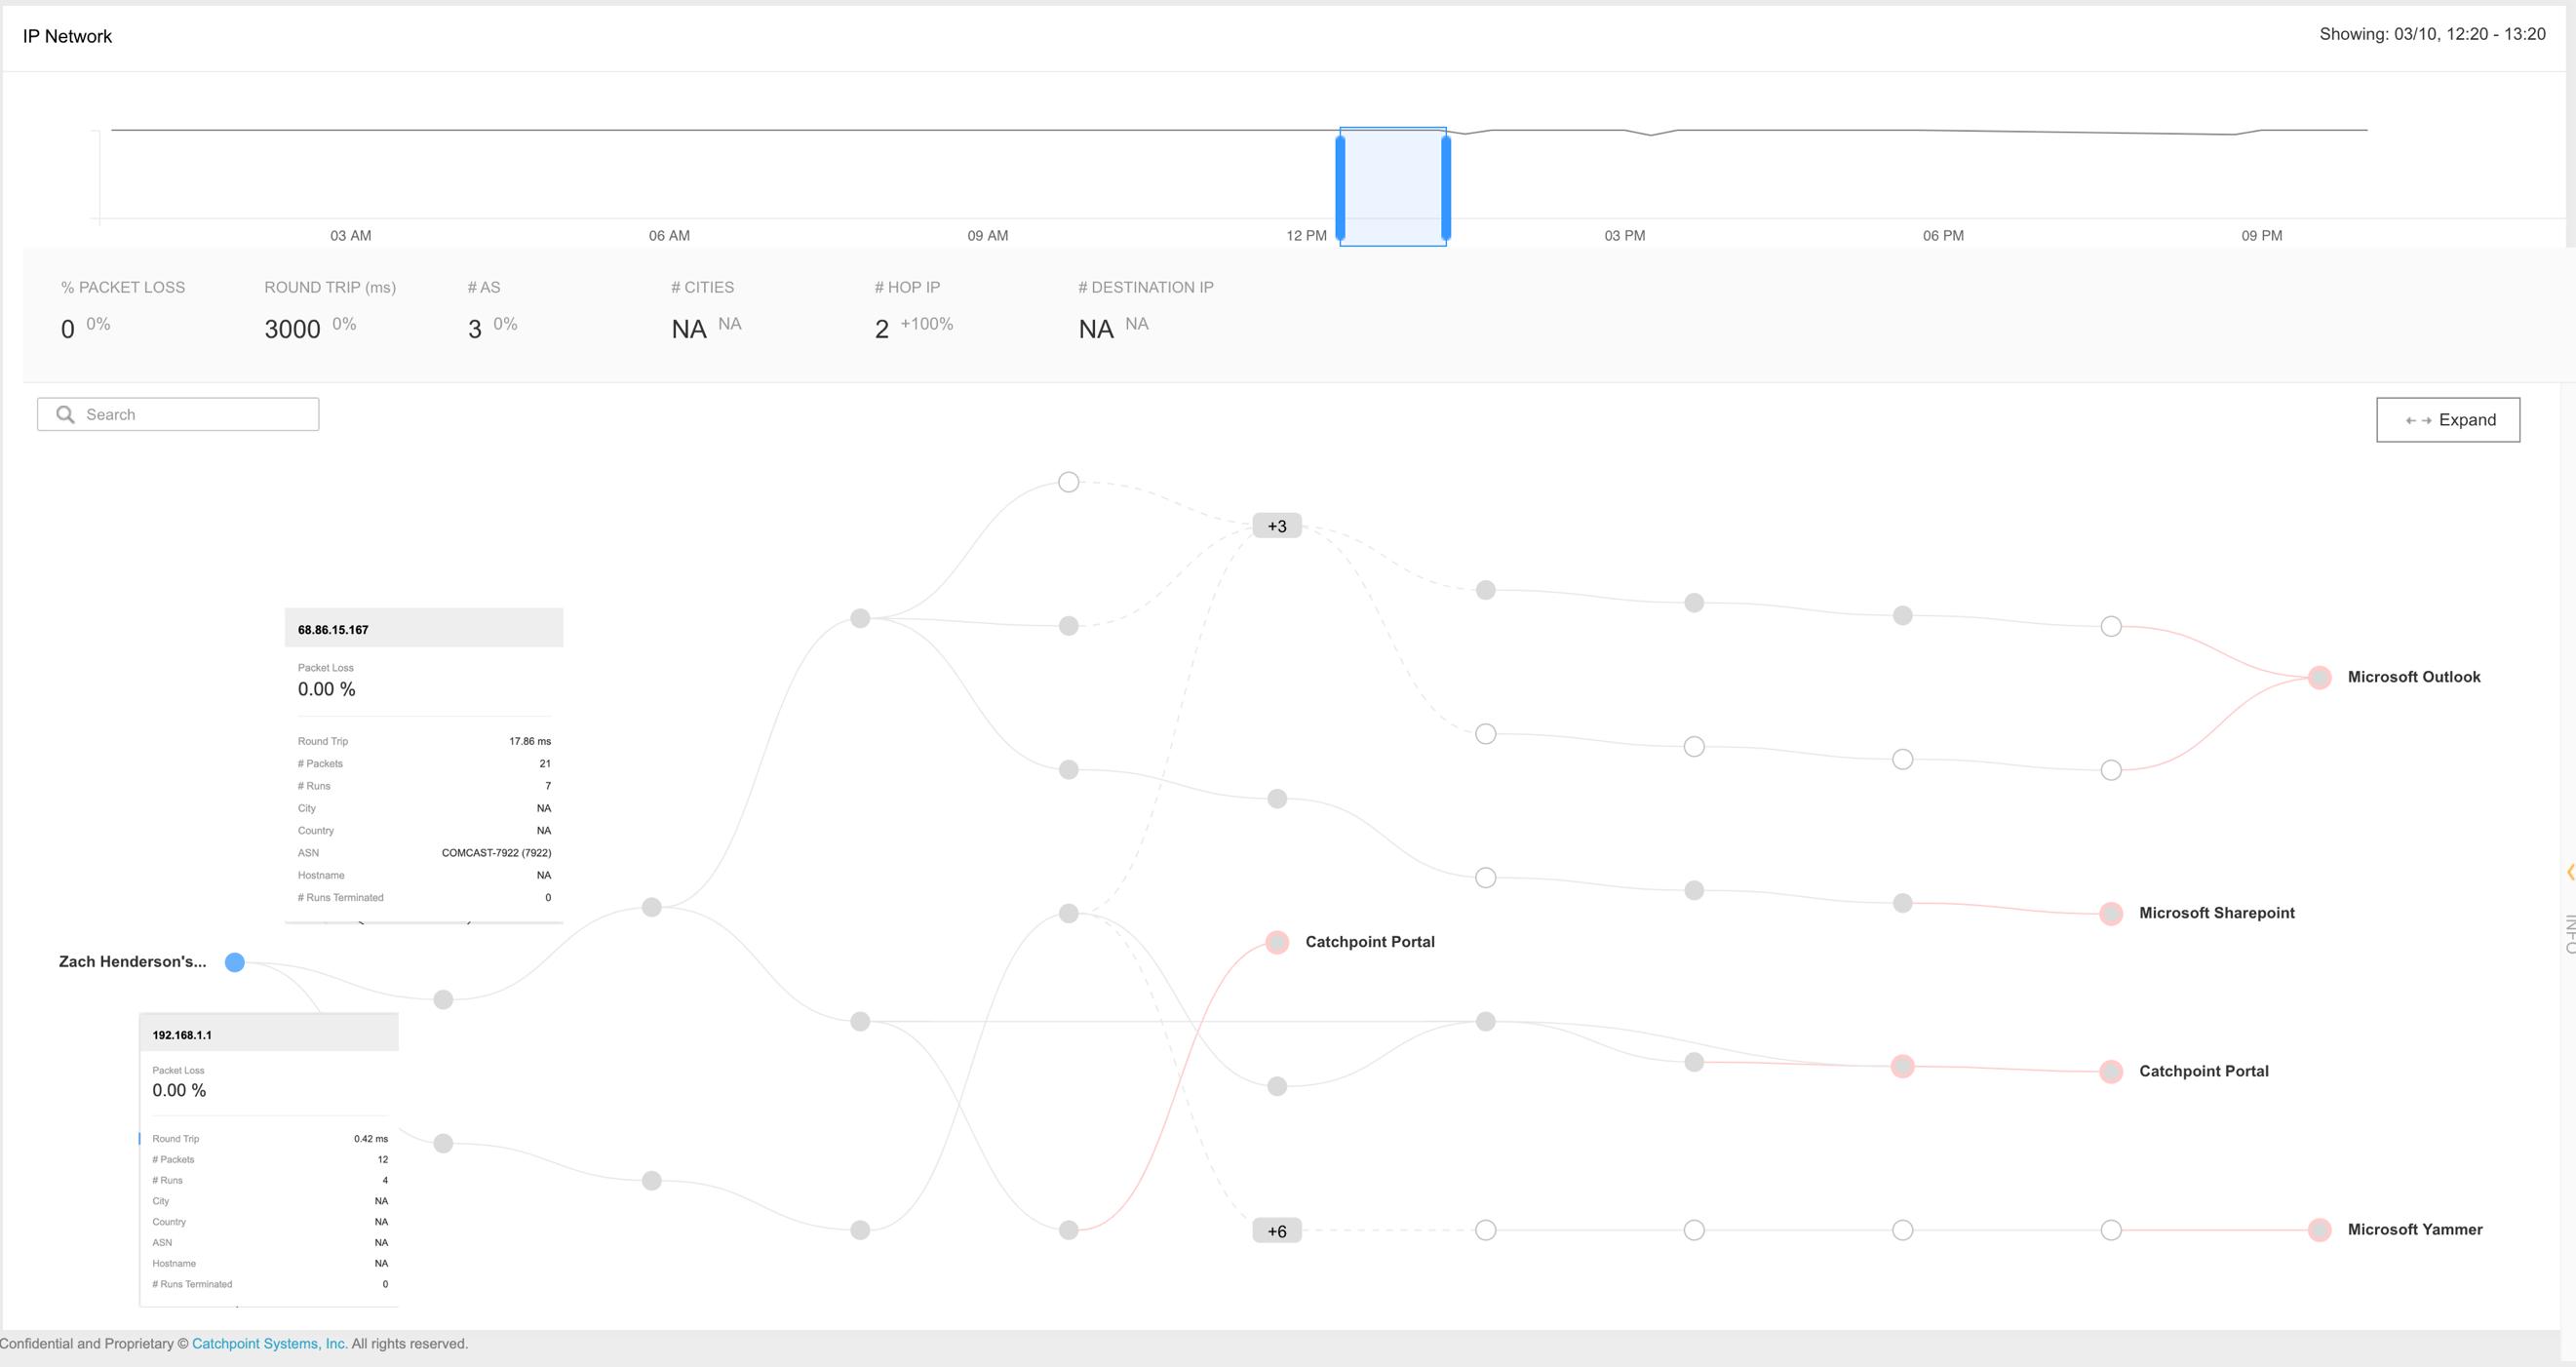 screenshot from computer